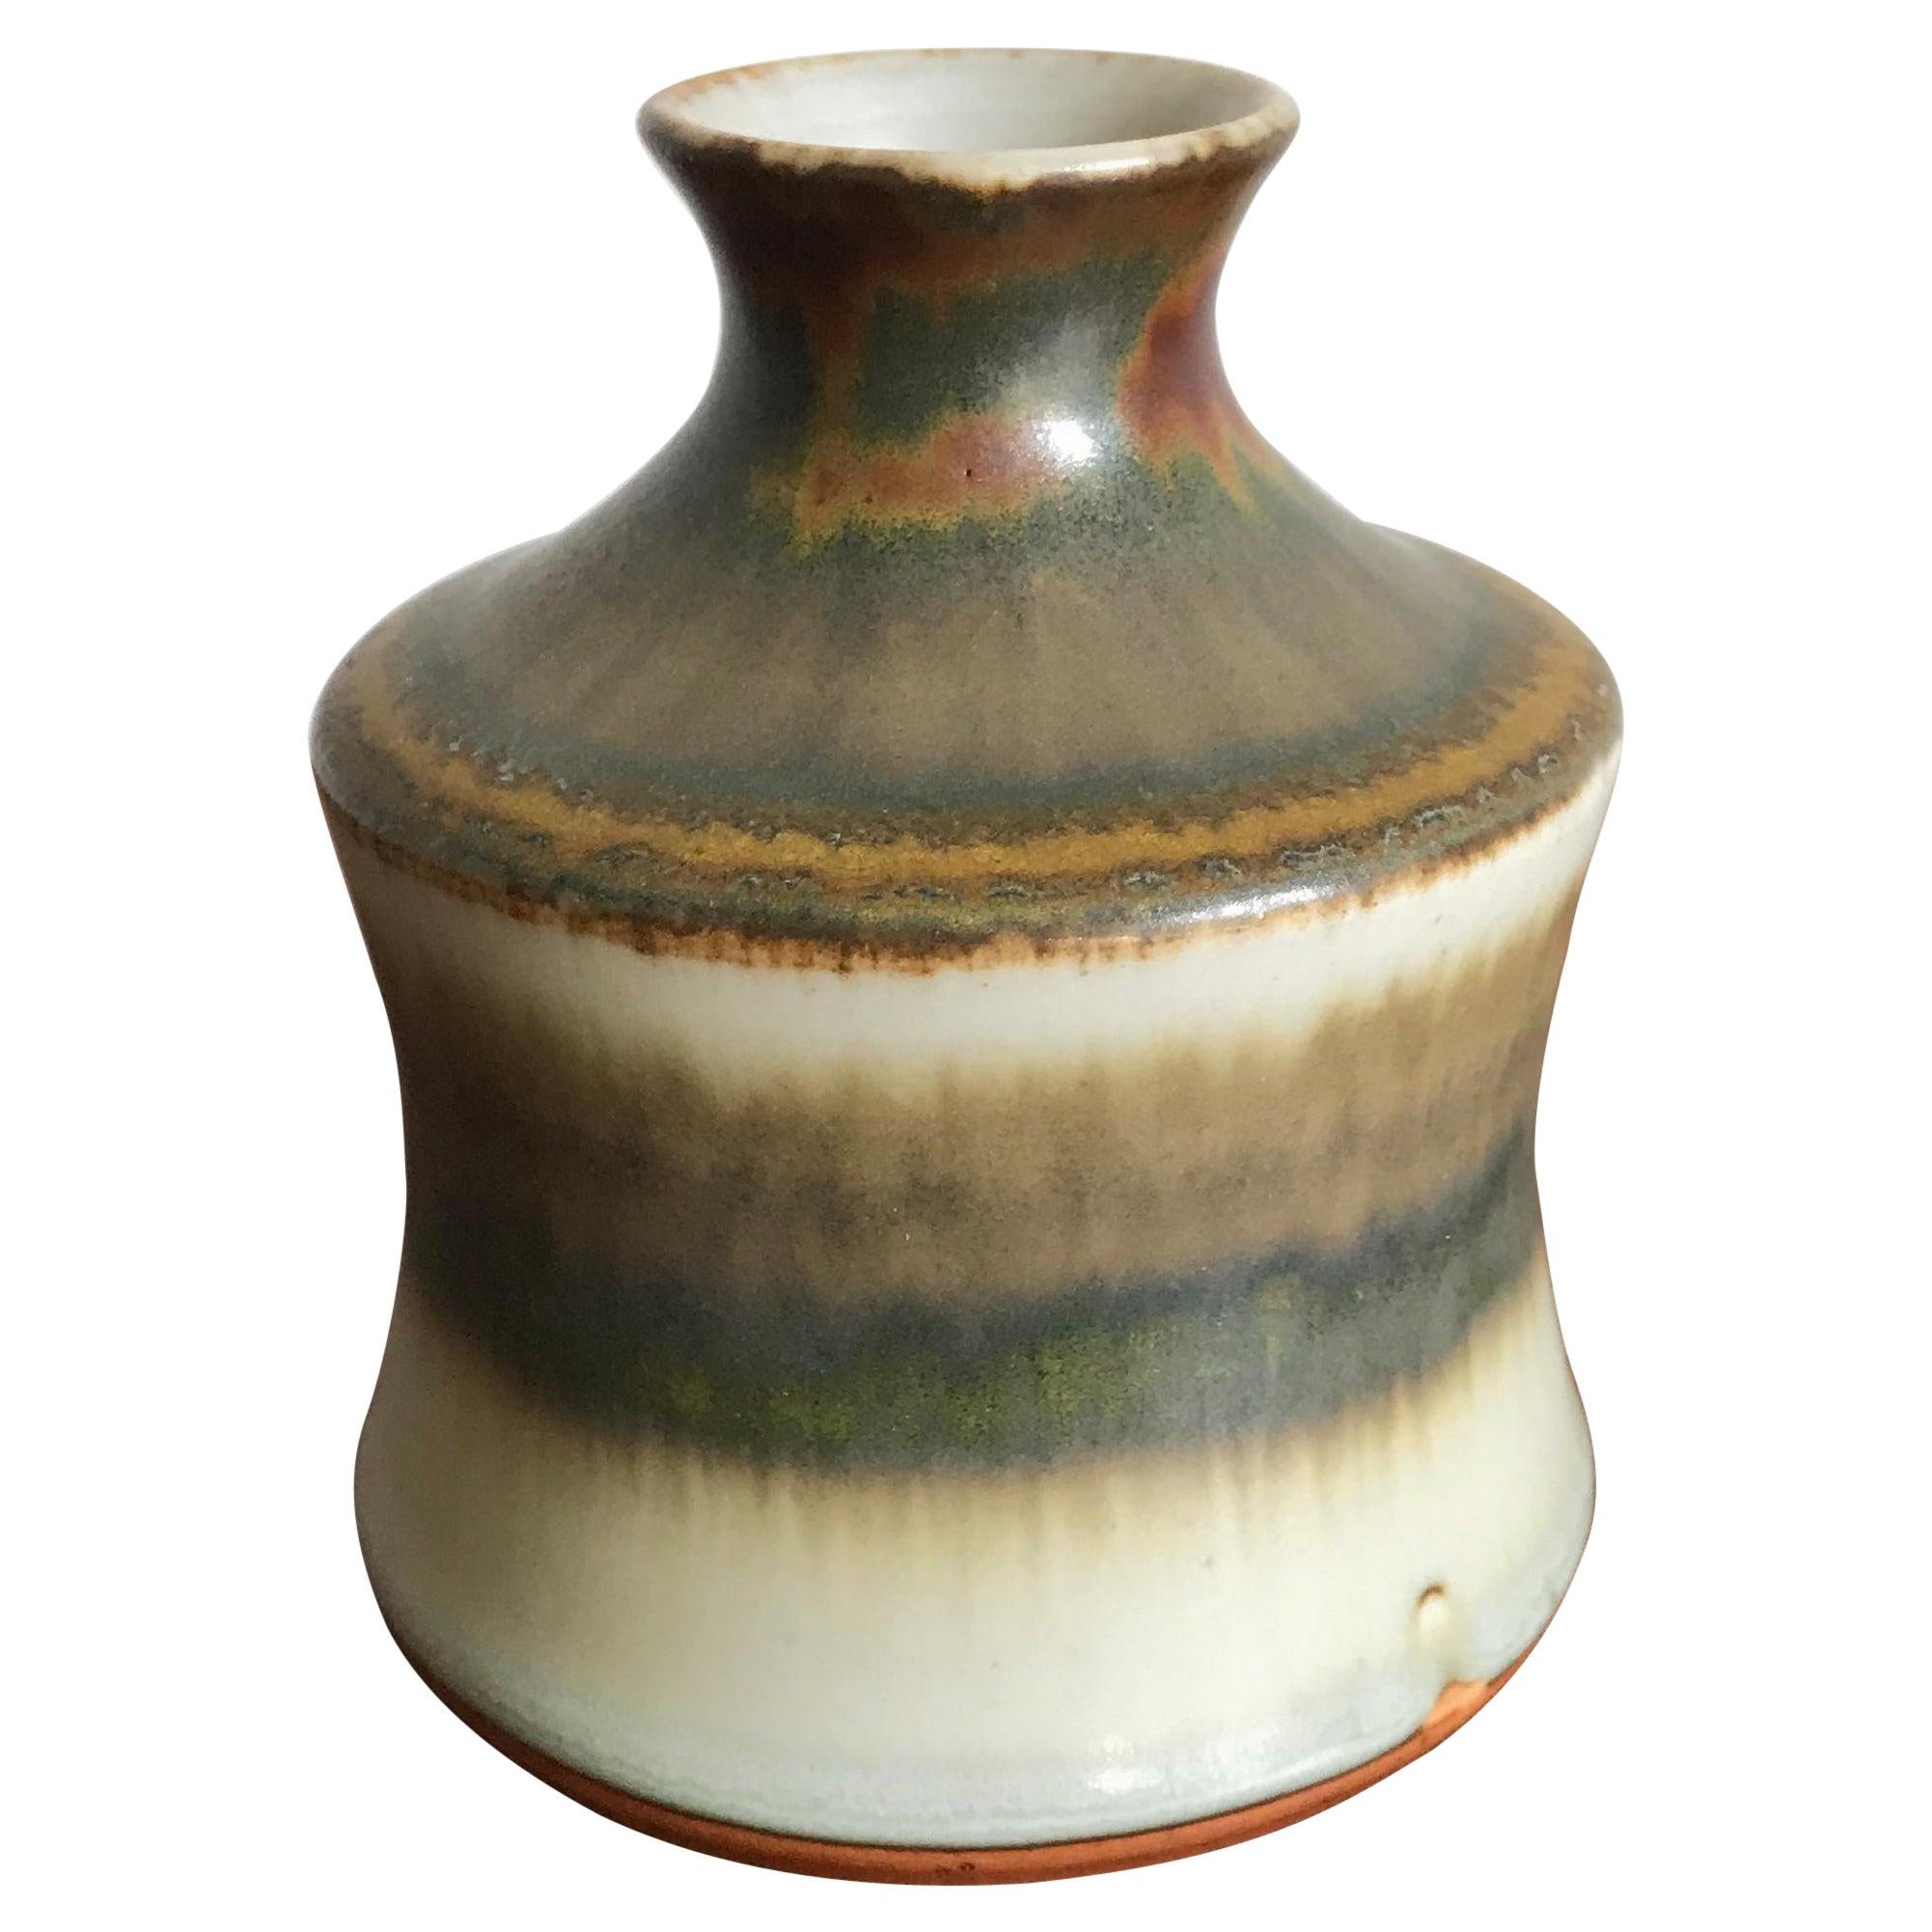 John Andersson for Höganäs Stengods Scandinavian Midcentury Ceramic Vase, 1960s